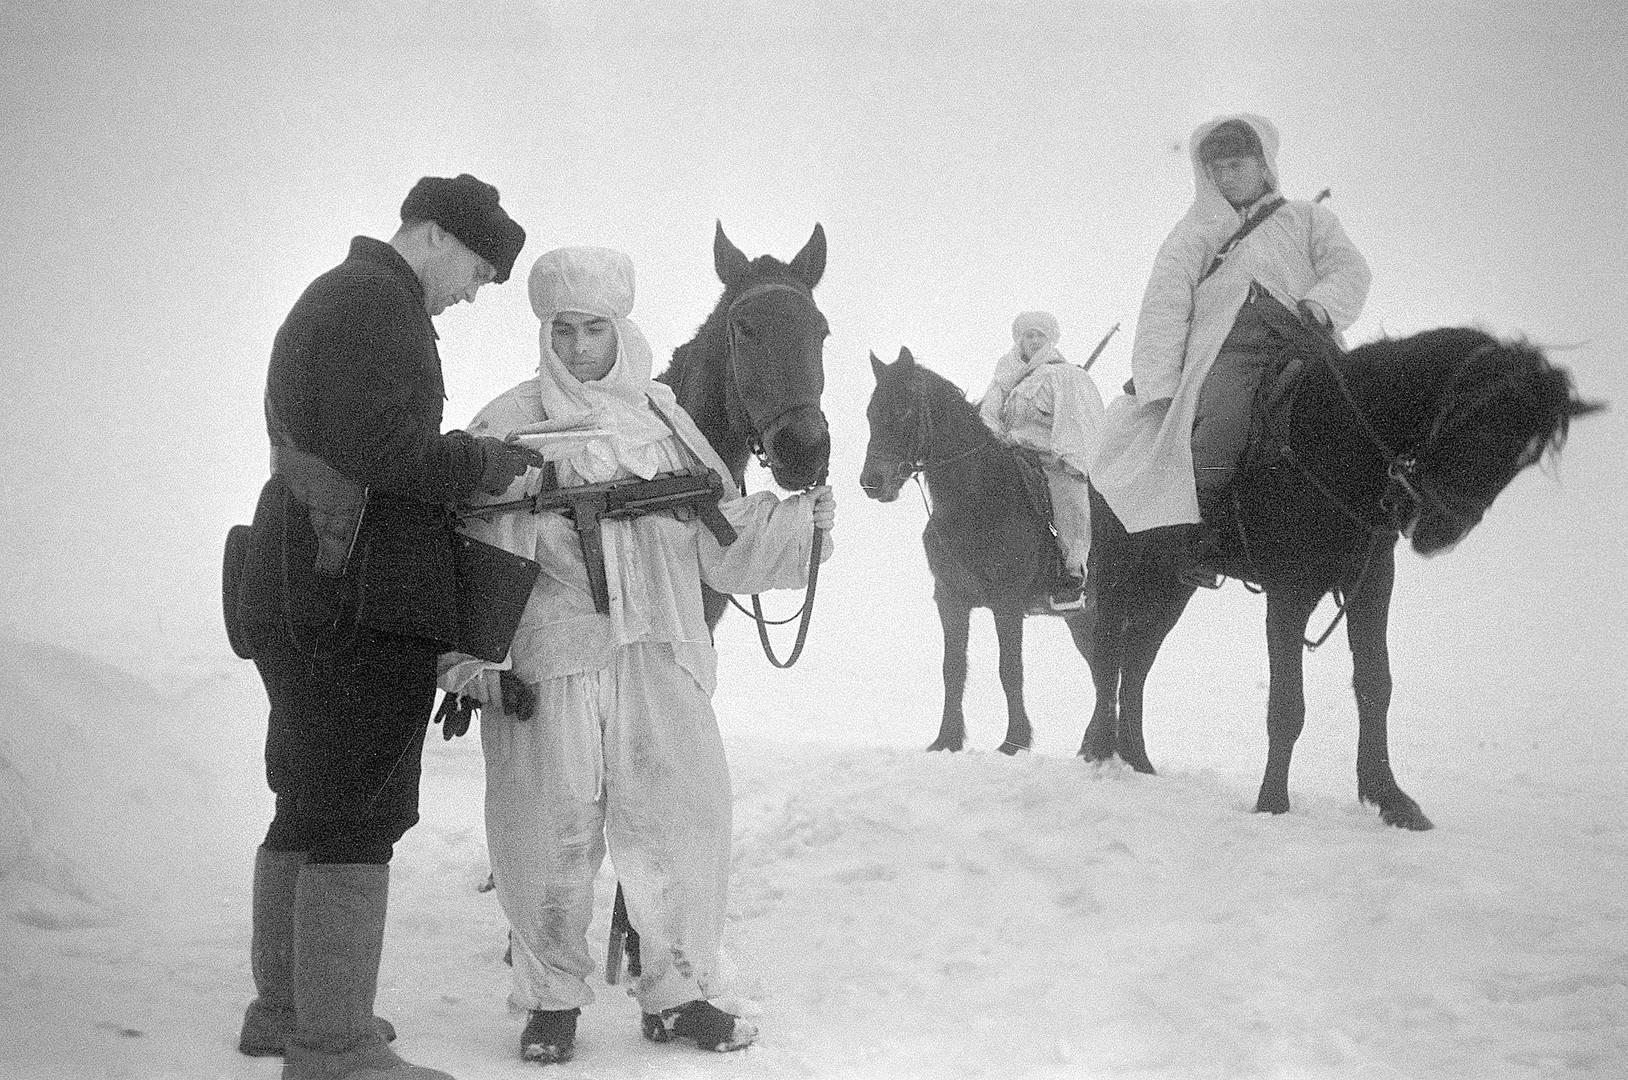 Семен Фридлянд. Советские конные разведчики получают задание от командира в степи под Сталинградом. Ноябрь-декабрь 1942